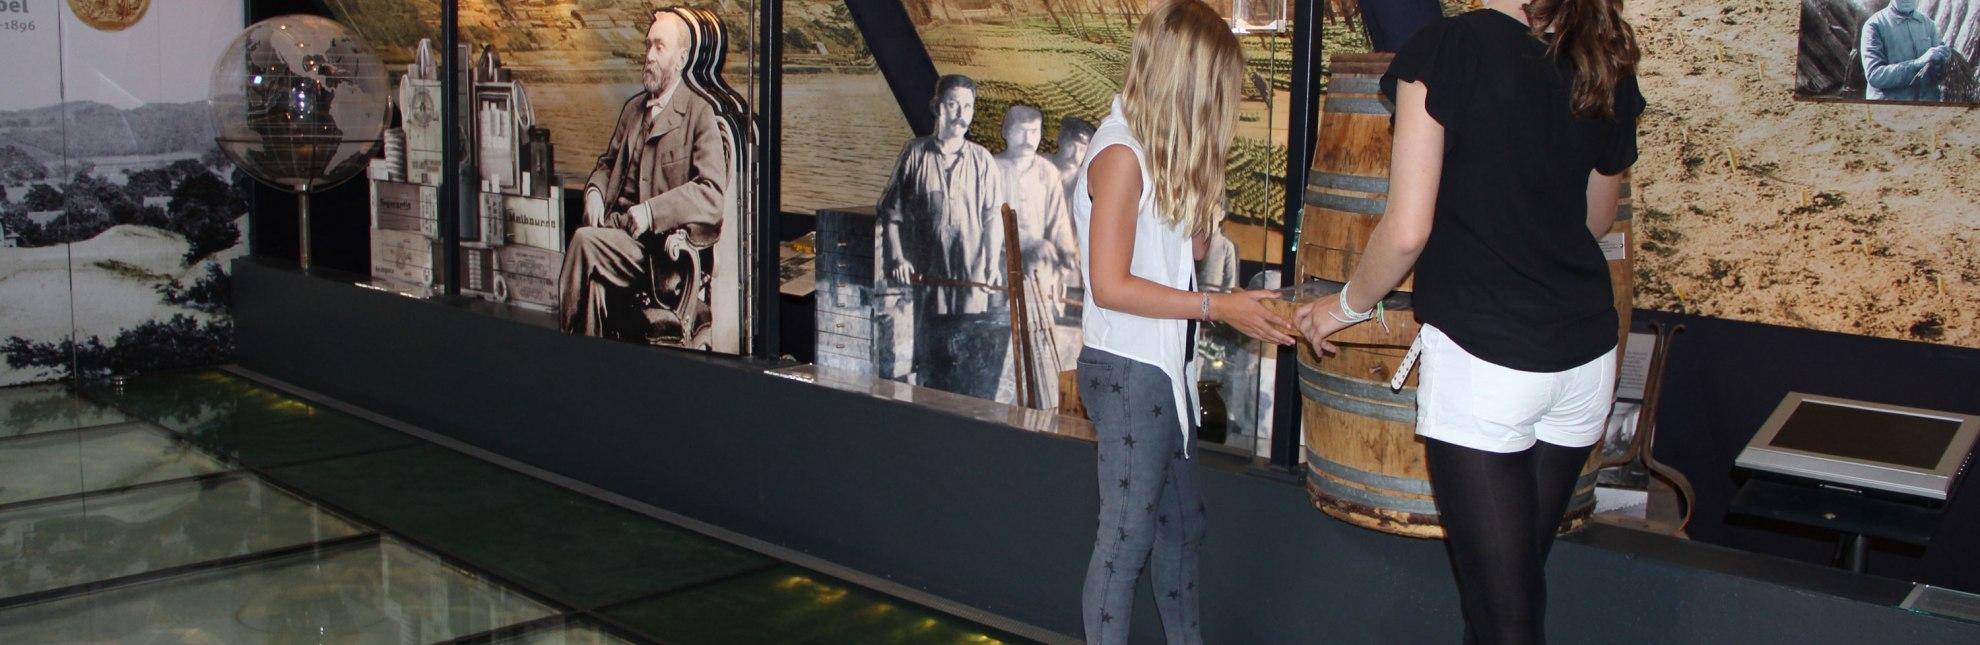 Interaktive Dauerausstellung im GeesthachtMuseum!, © Tourist-Information Geesthacht